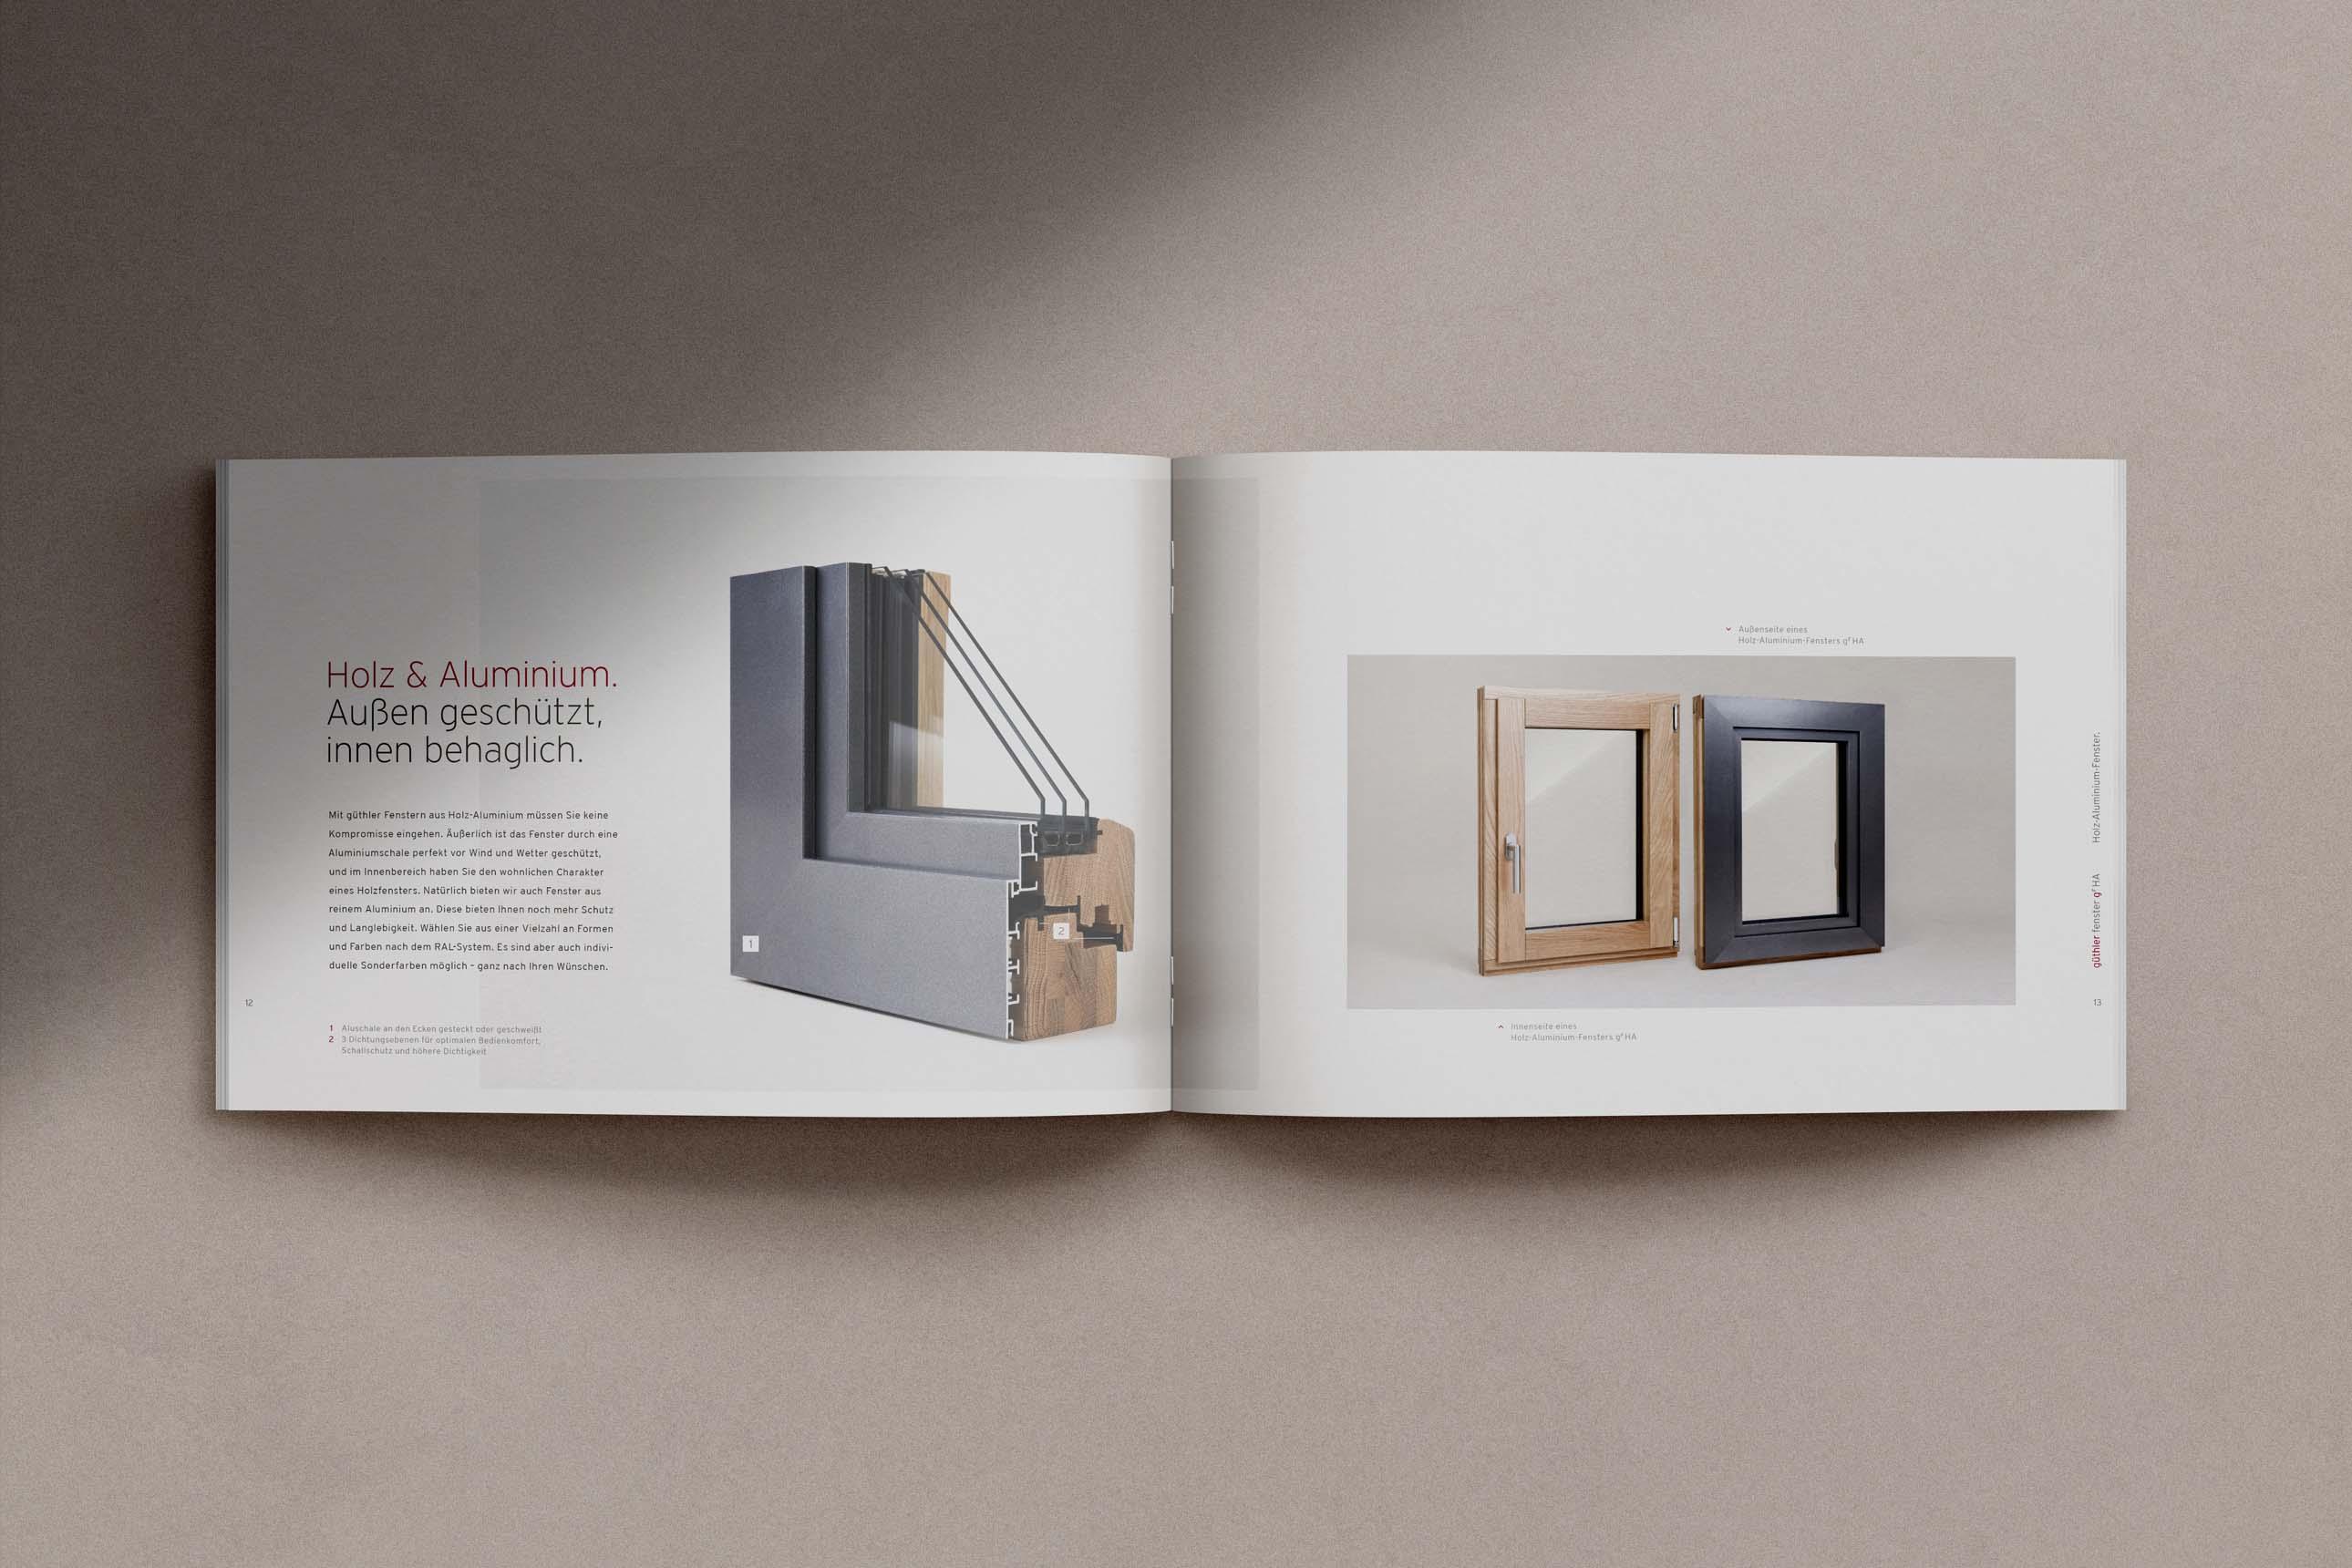 Imagebroschüre von Güthler Glasfassaden zur Produktpräsentation und Unterstützung im Vertrieb